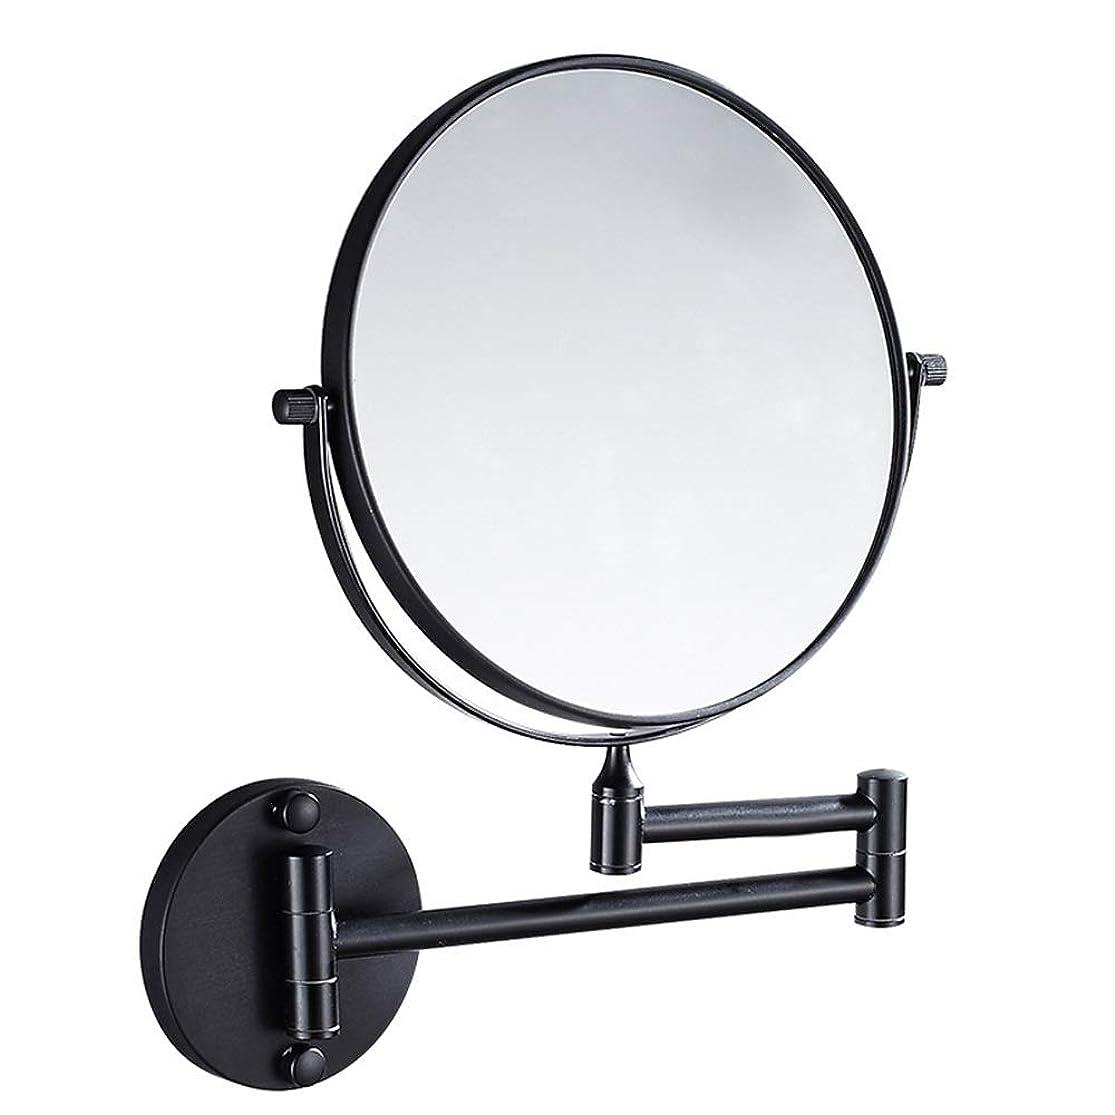 ラグ共同選択できた流行の ブラック銅ミラー浴室壁掛け折りたたみ美容ミラー両面望遠鏡拡大鏡8インチパンチフリー